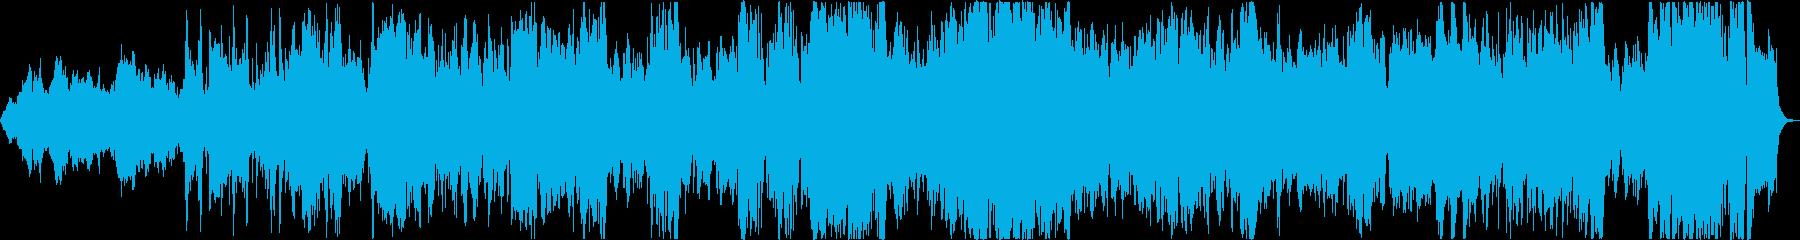 大きな敵を予感させる曲の再生済みの波形